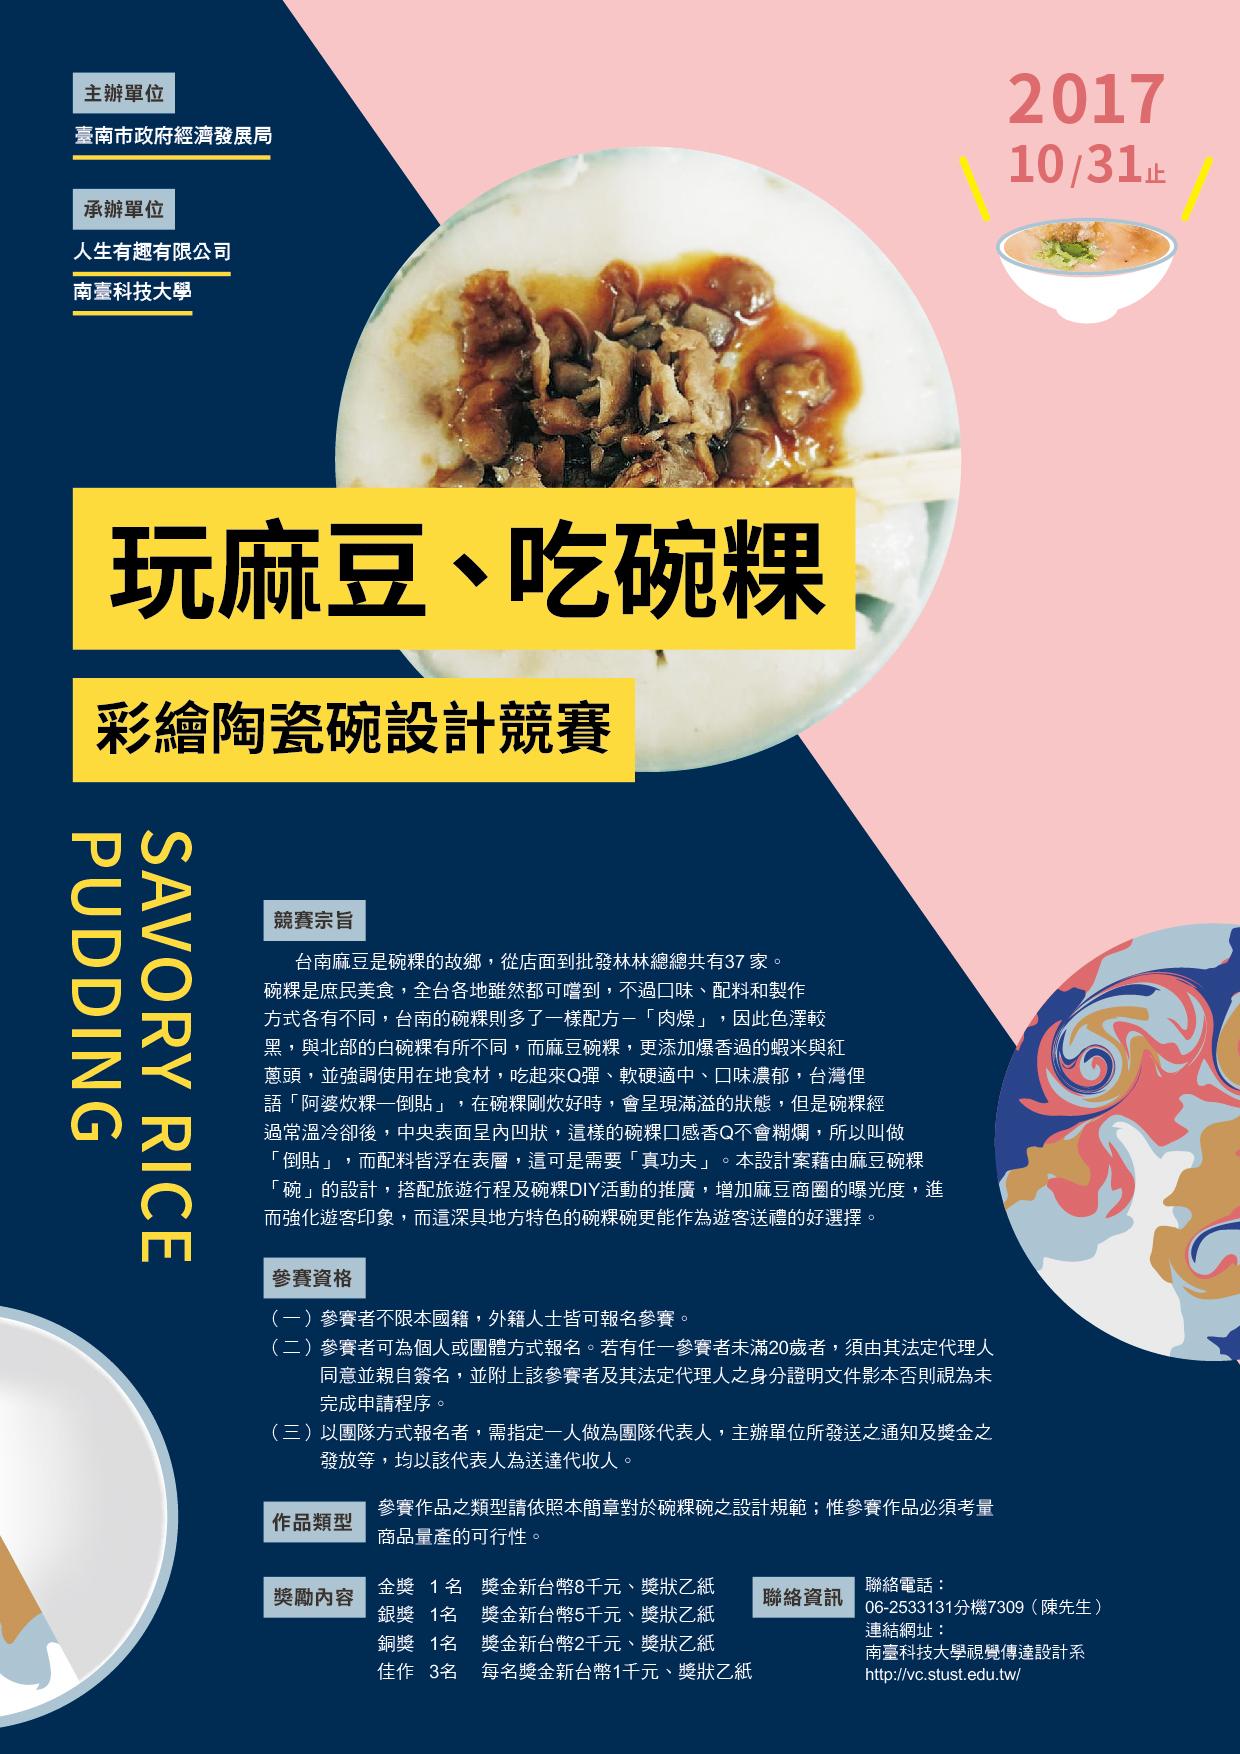 2017「玩麻豆、吃碗粿」彩繪陶瓷碗設計競賽徵件